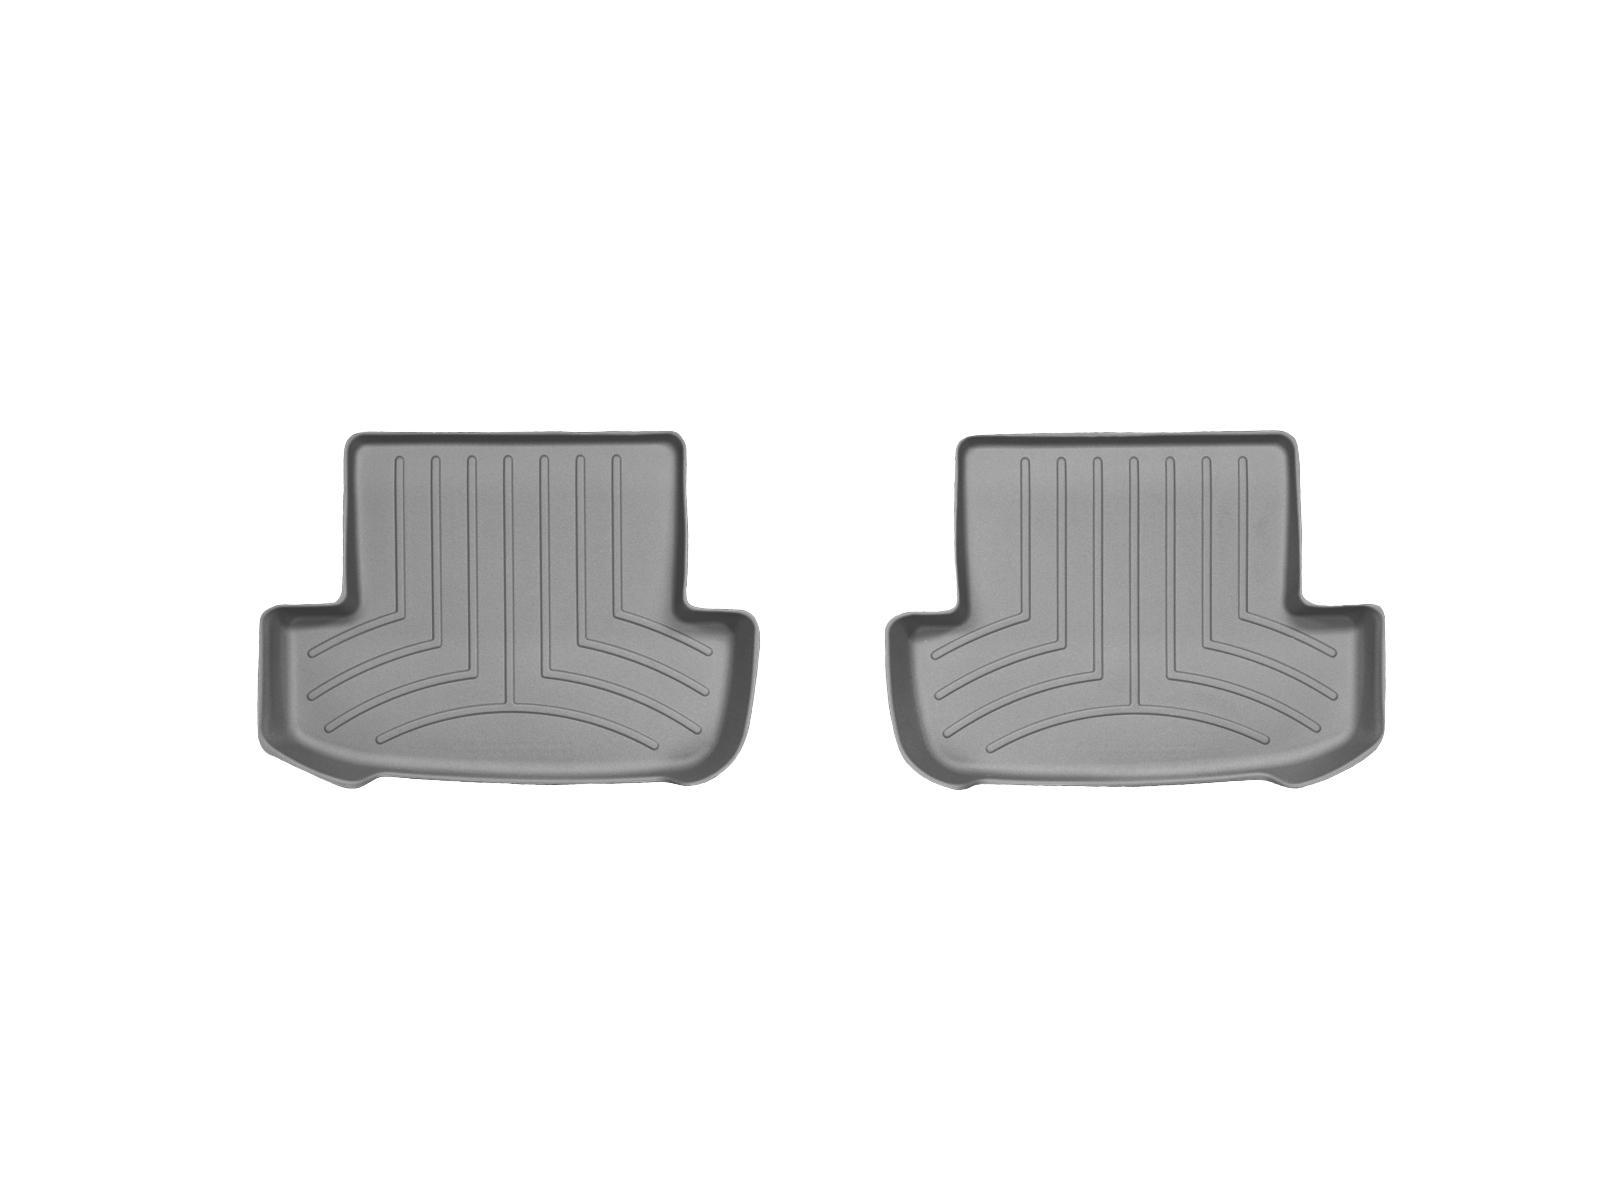 Tappeti gomma su misura bordo alto Mercedes E-Class 09>11 Grigio A2376*